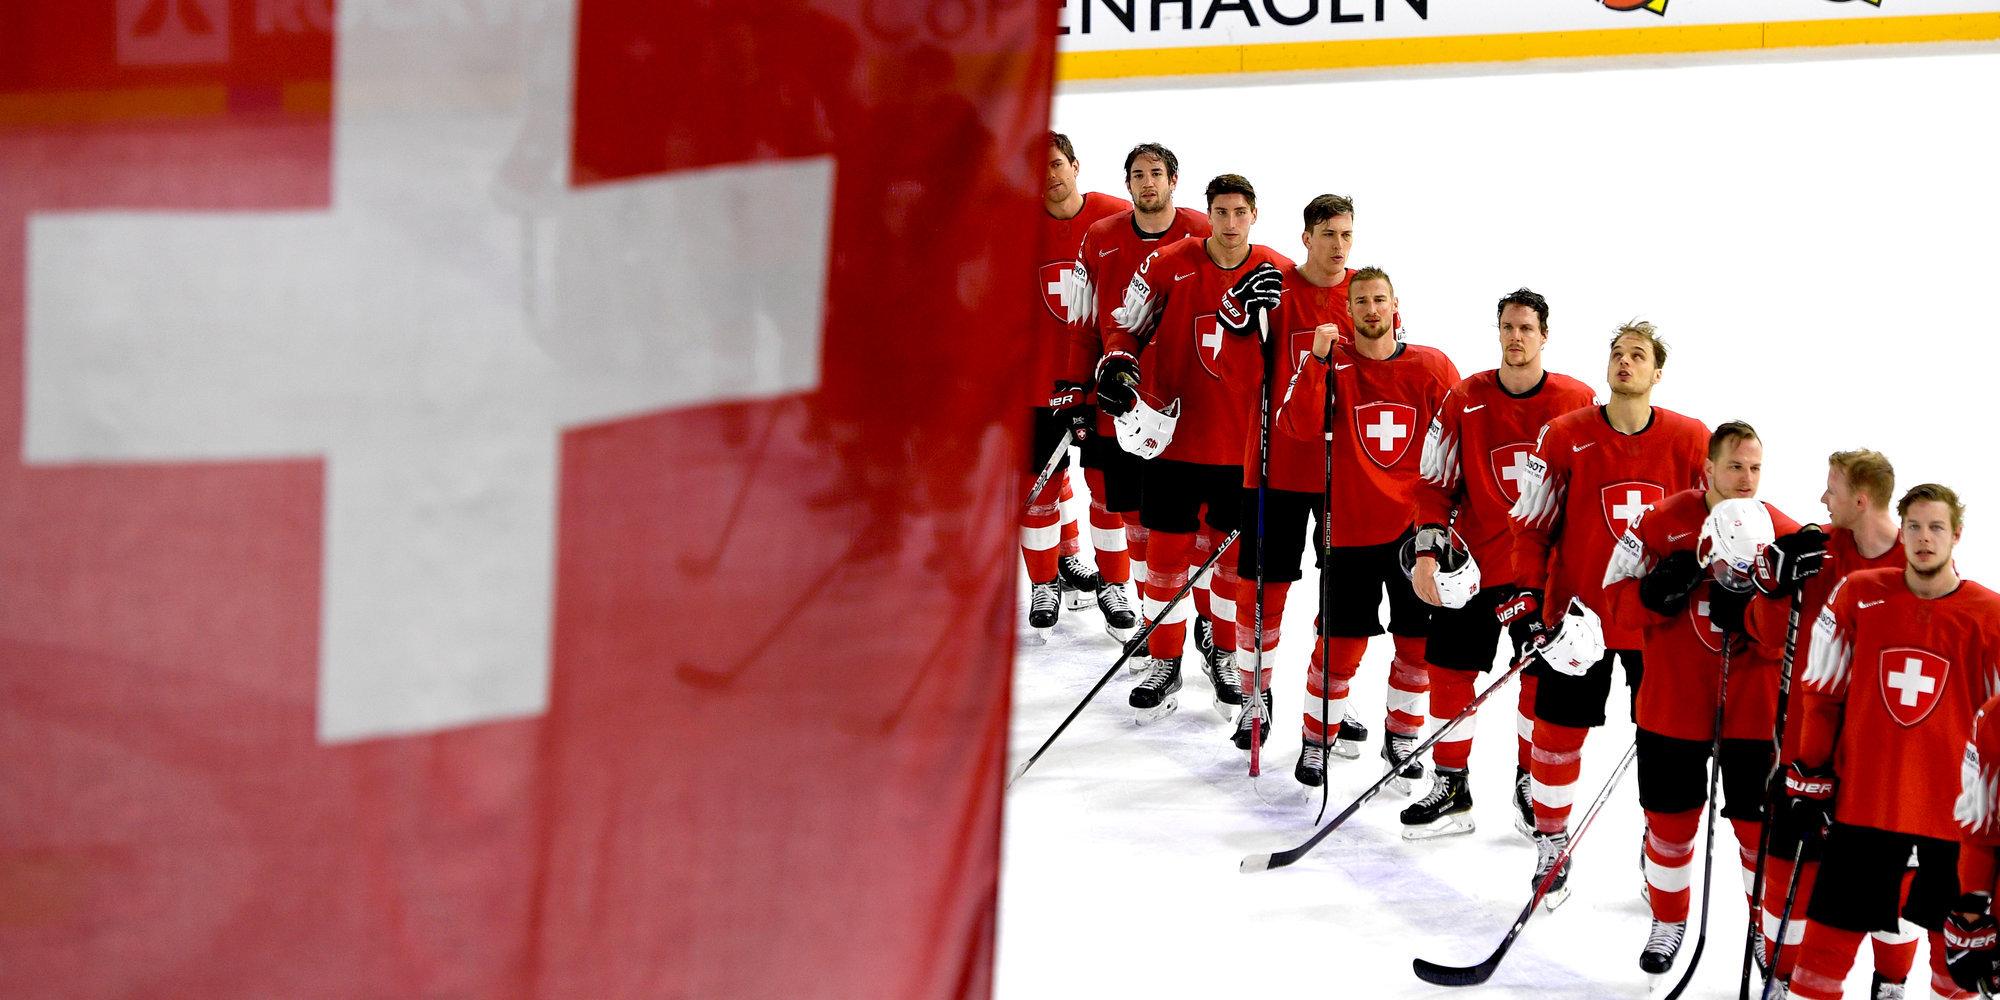 Швейцария обыграла Австрию на чемпионате мира и опередила Россию